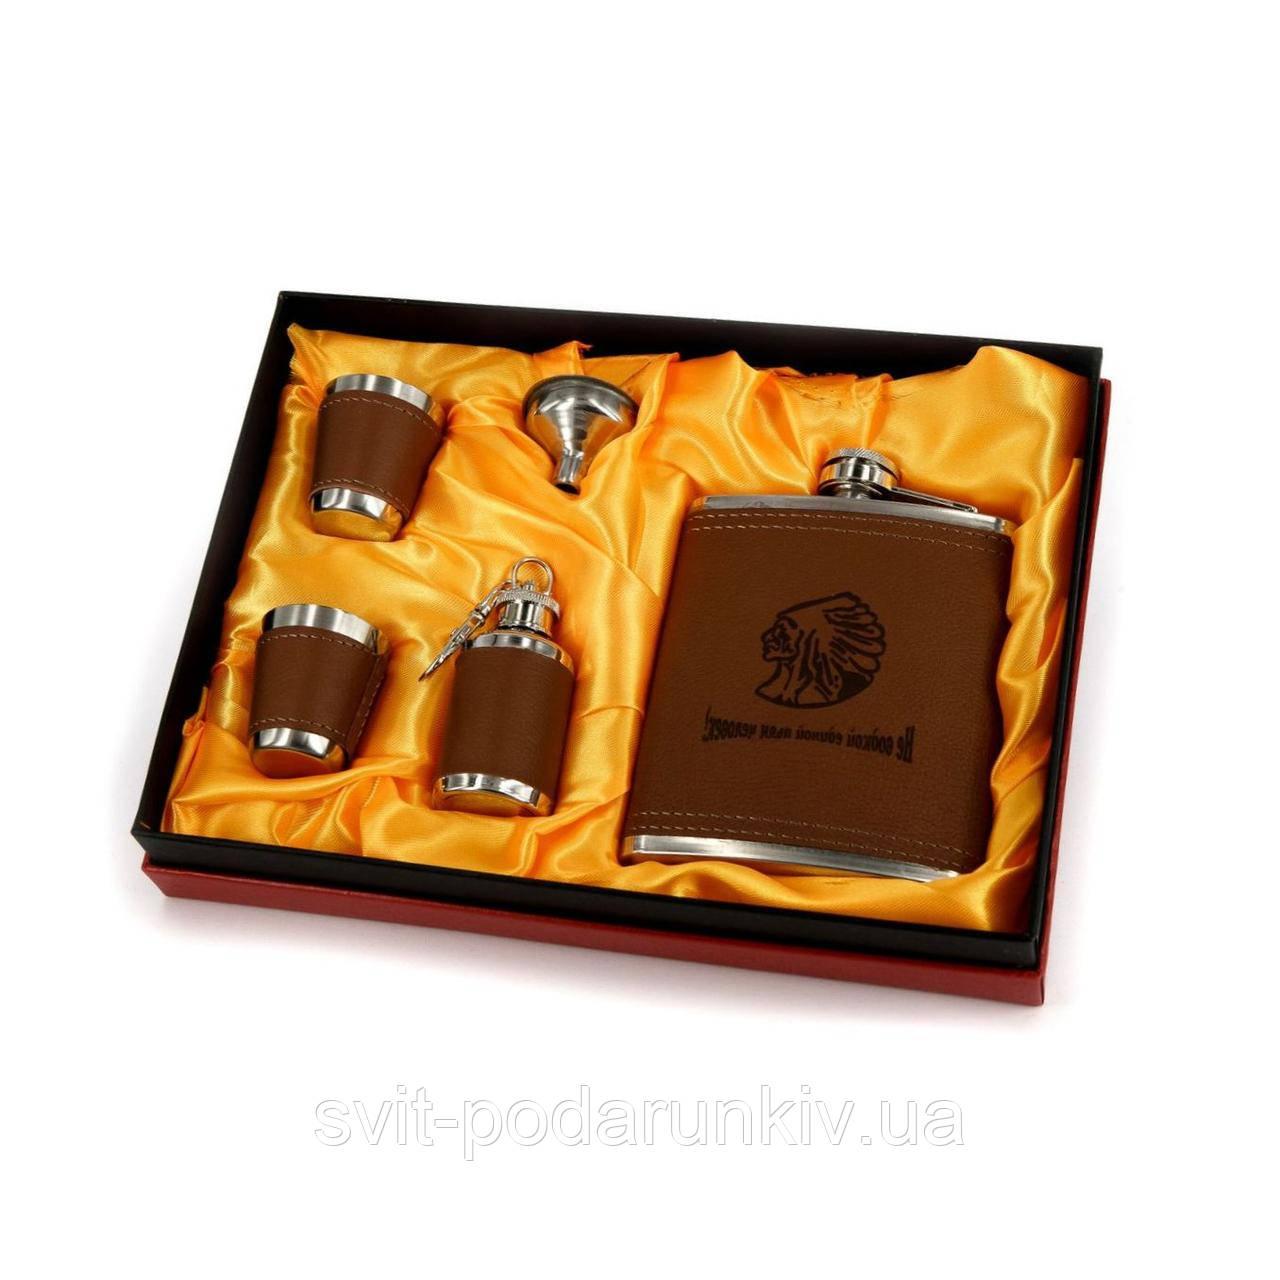 Подарочные фляги для алкоголя 2 шт рюмки 2 шт воронка AS106